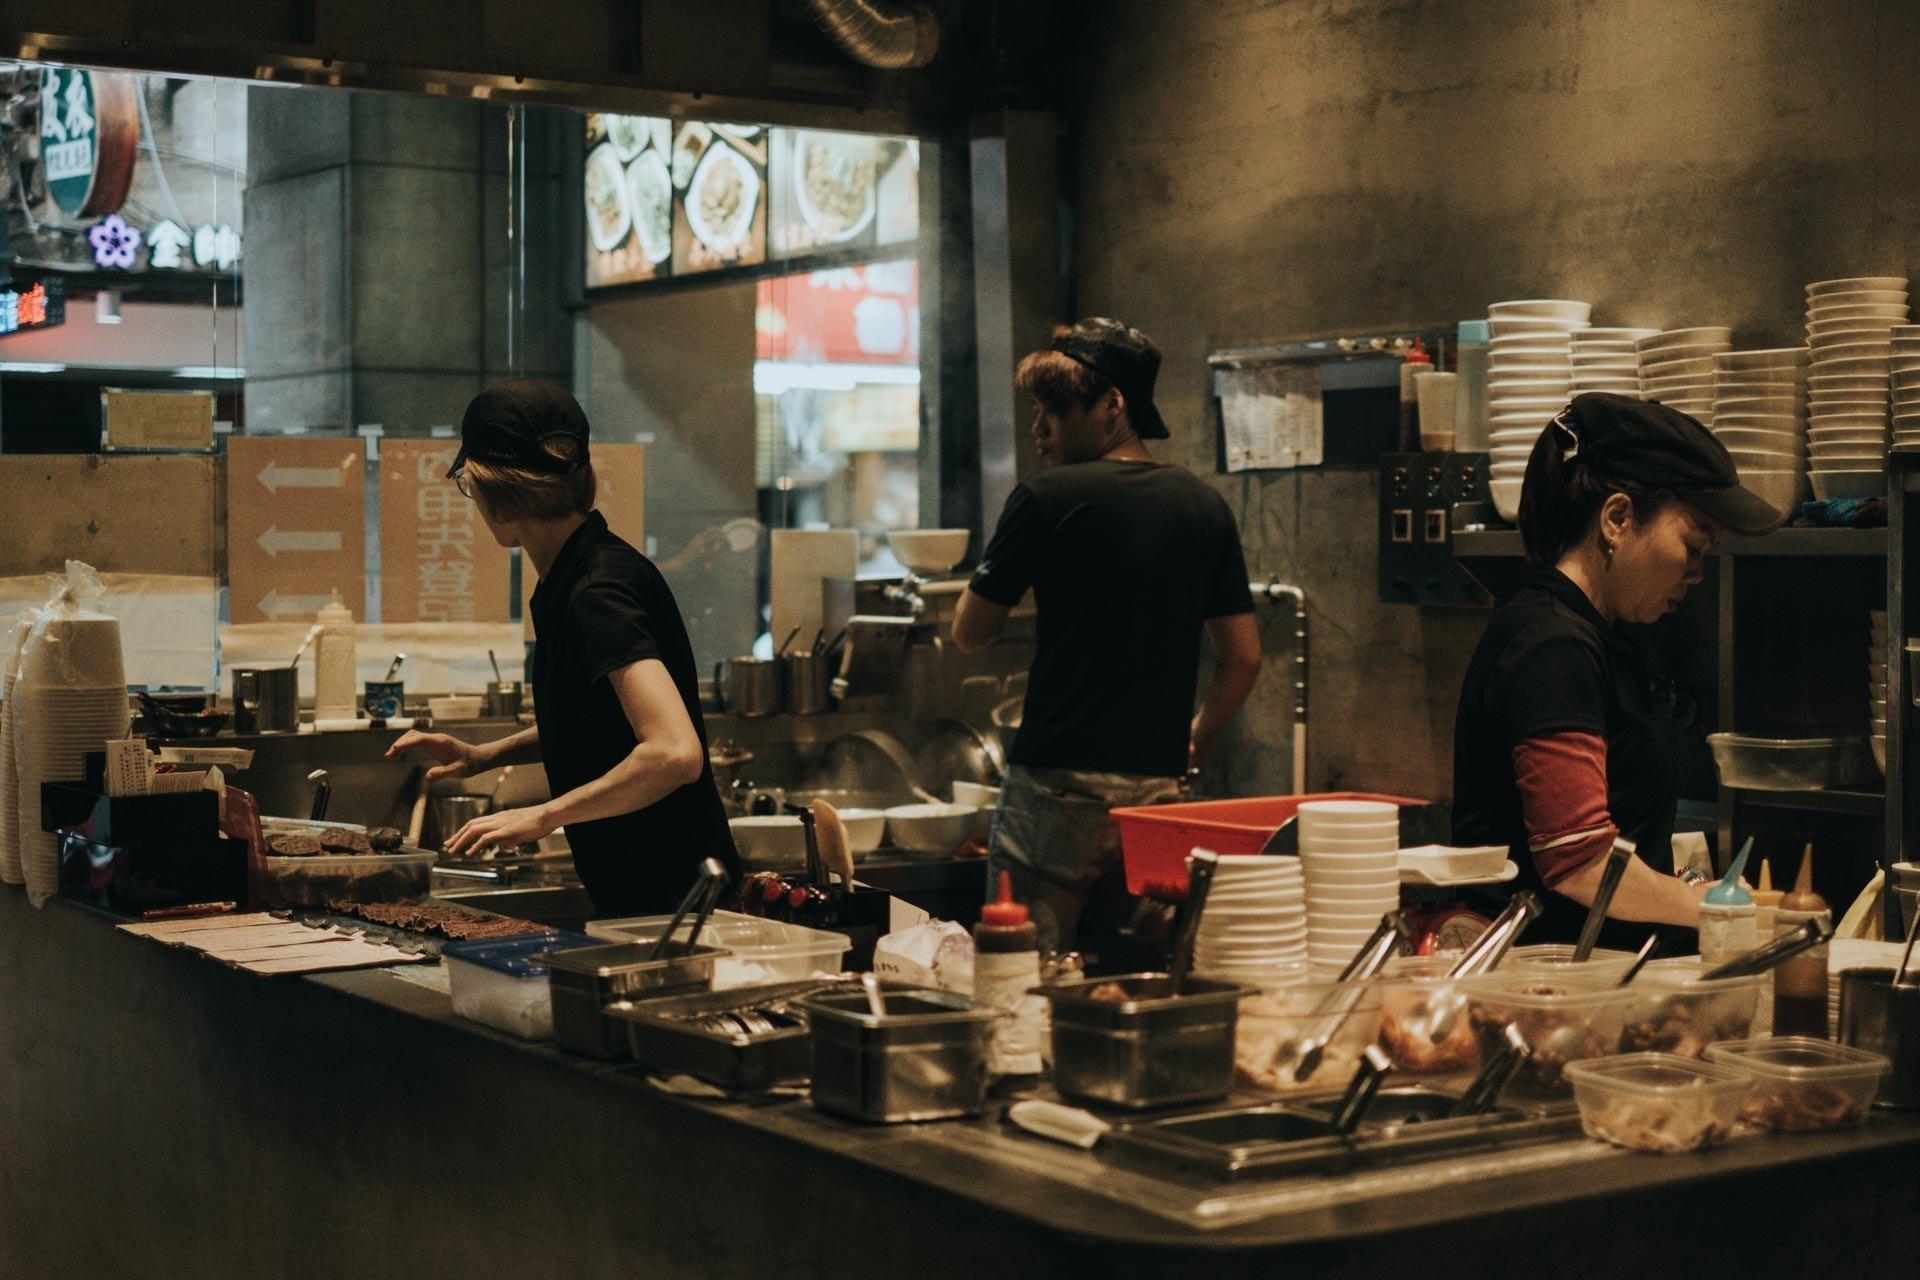 บรรยากาศในร้านอาหาร